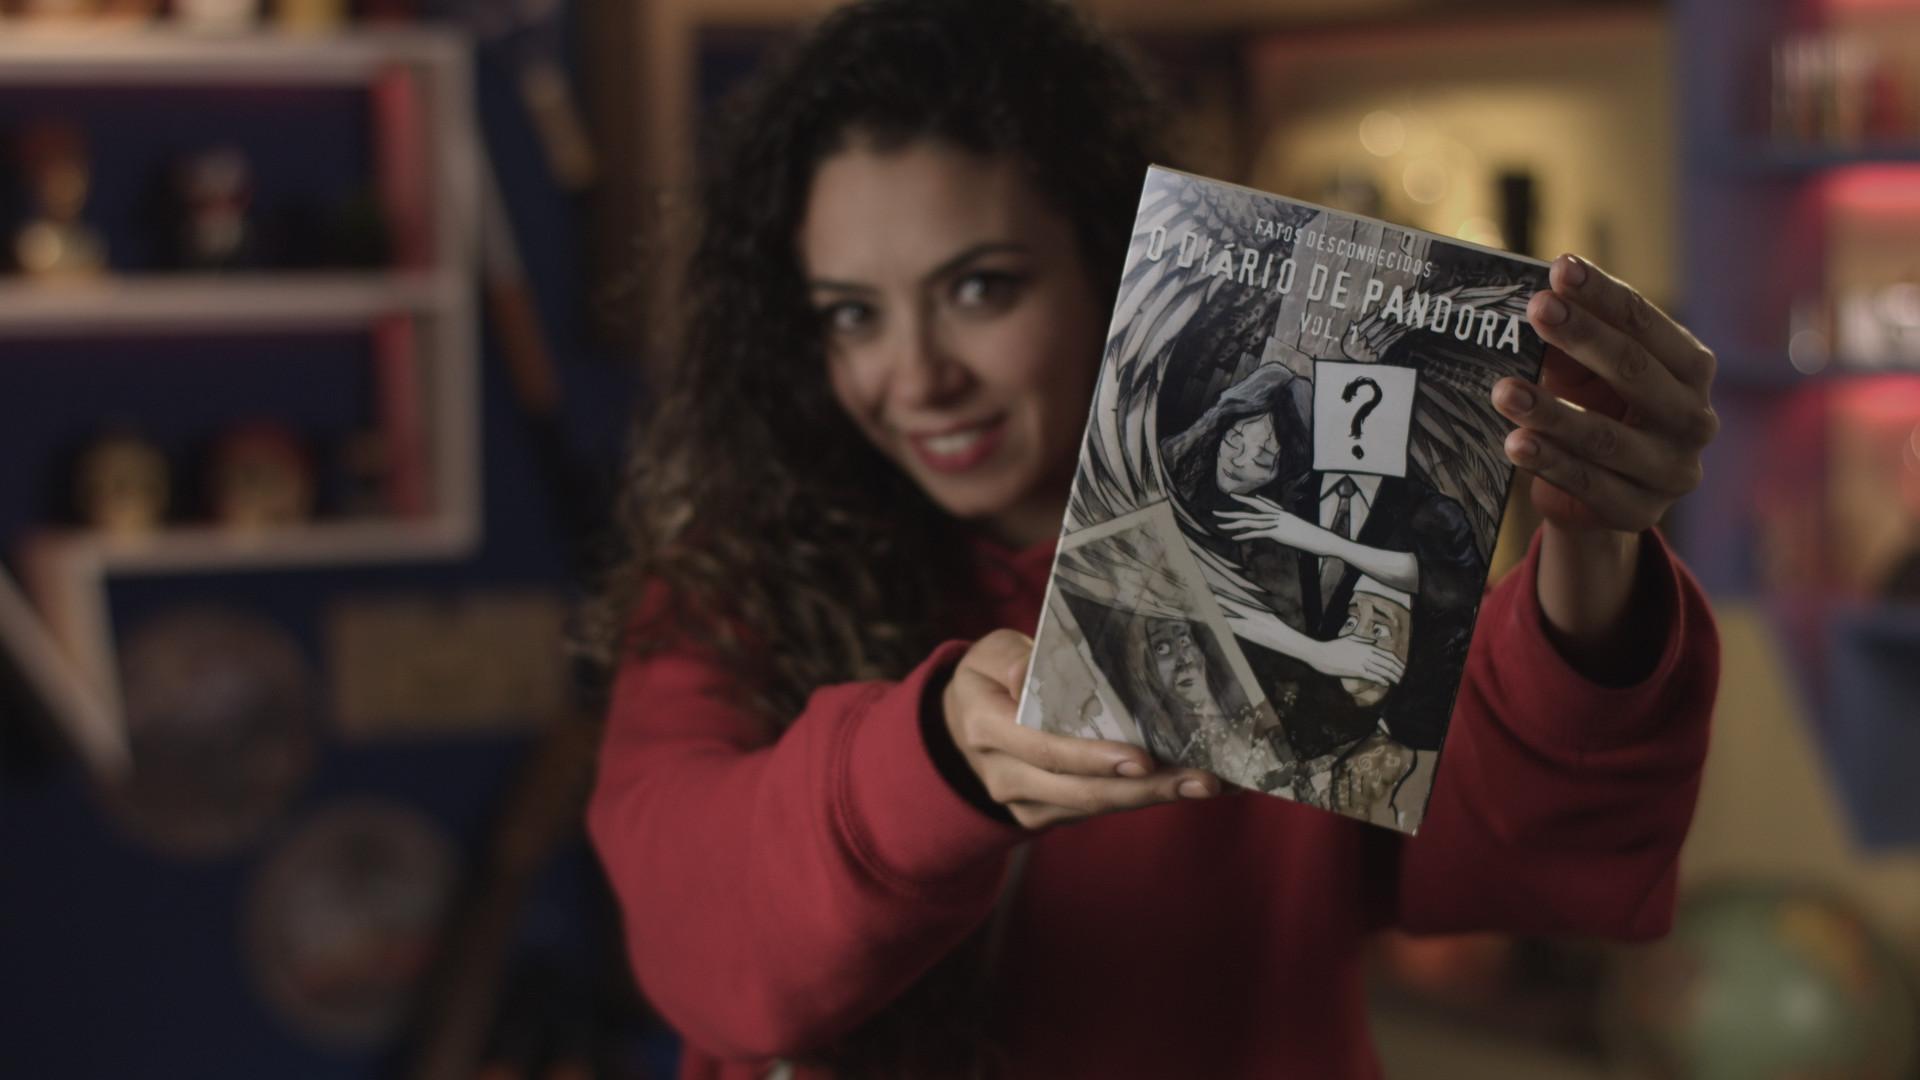 Conheça o Diário de Pandora, o primeiro livro da Fatos Desconhecidos